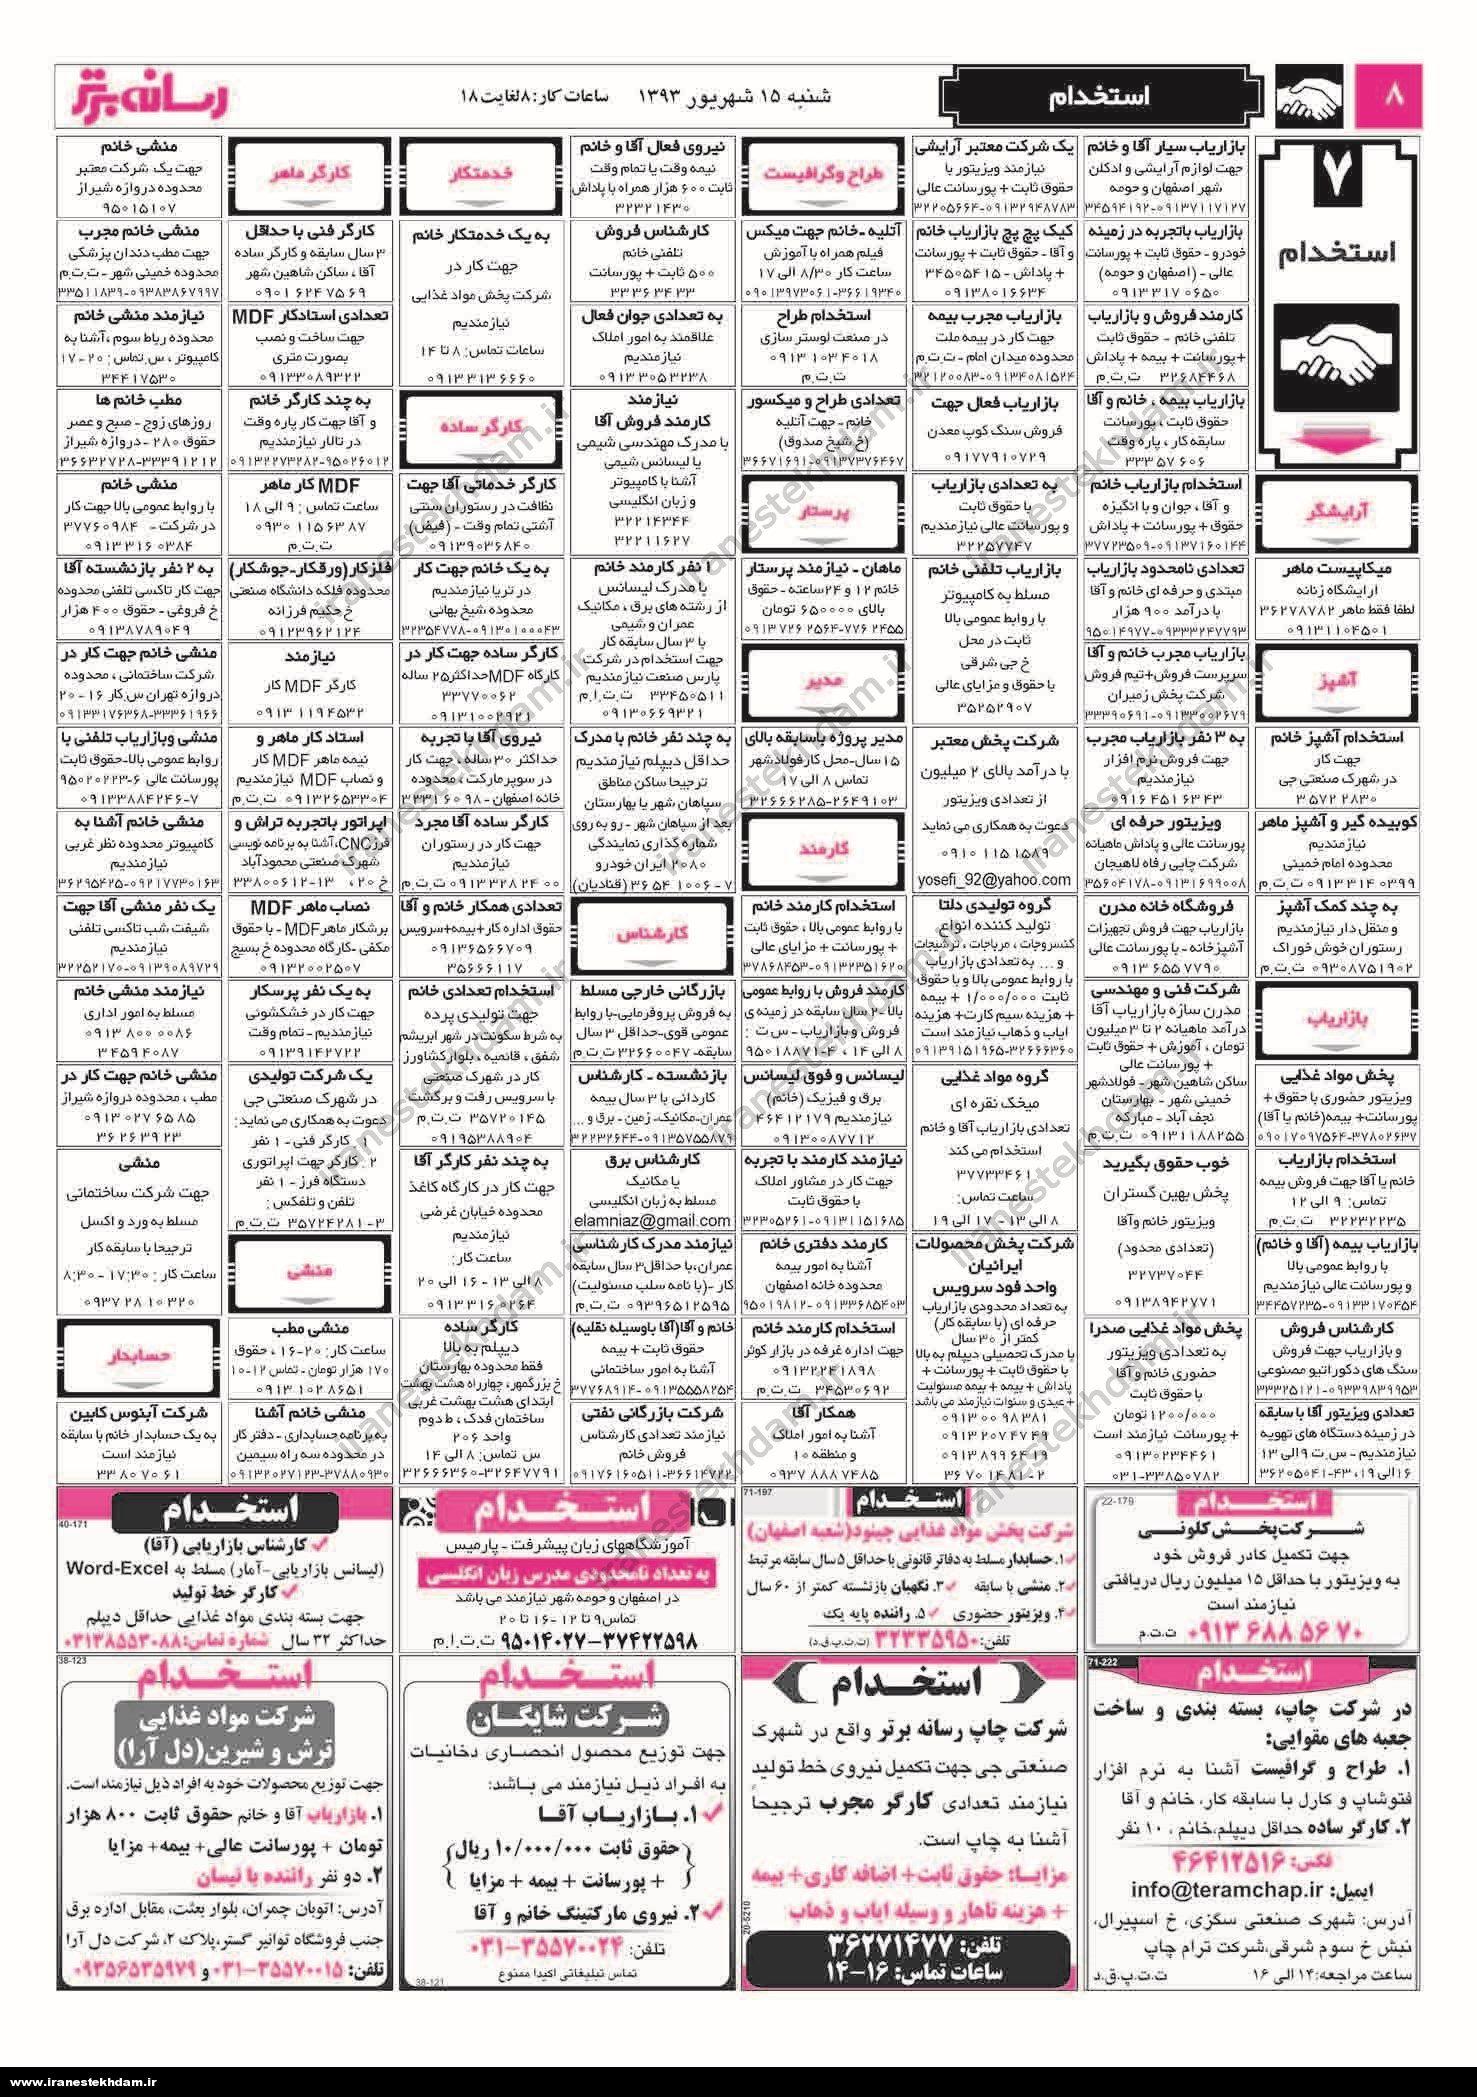 دانلود روزنامه نیازمندی های تهران